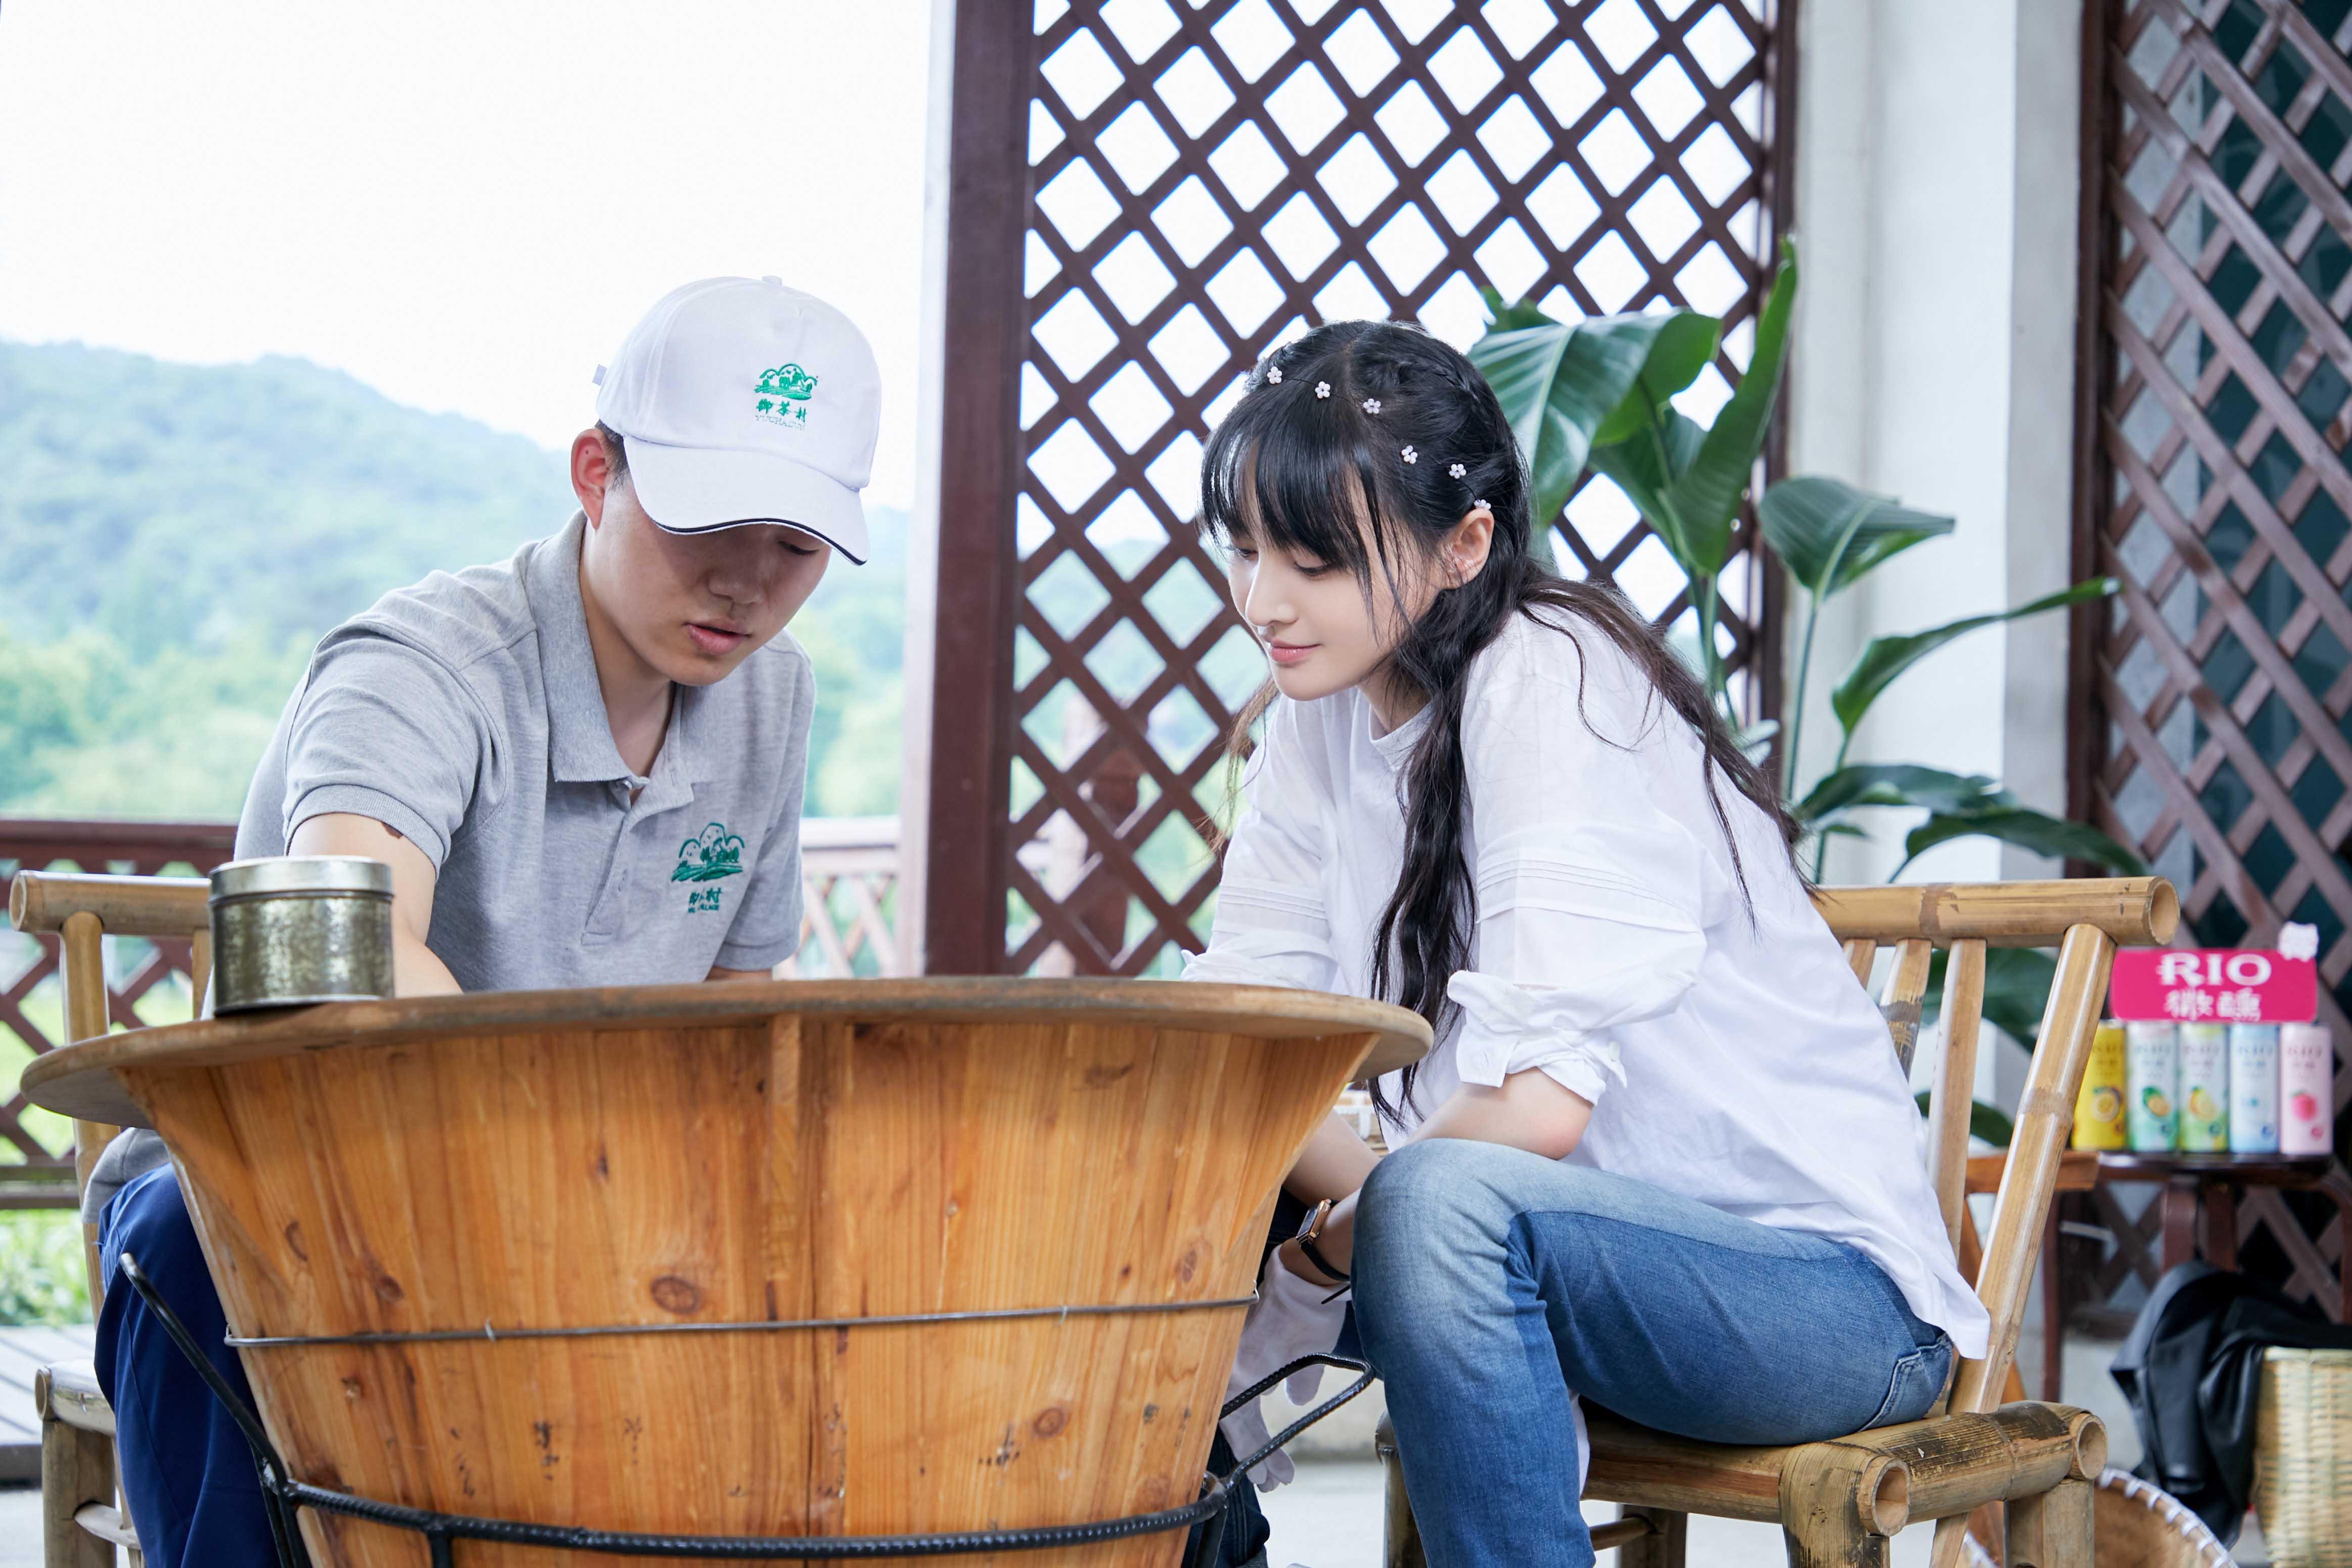 《让生活好看》第一季度结束 郑爽体验茶农生活 许魏洲加入了拍摄小组